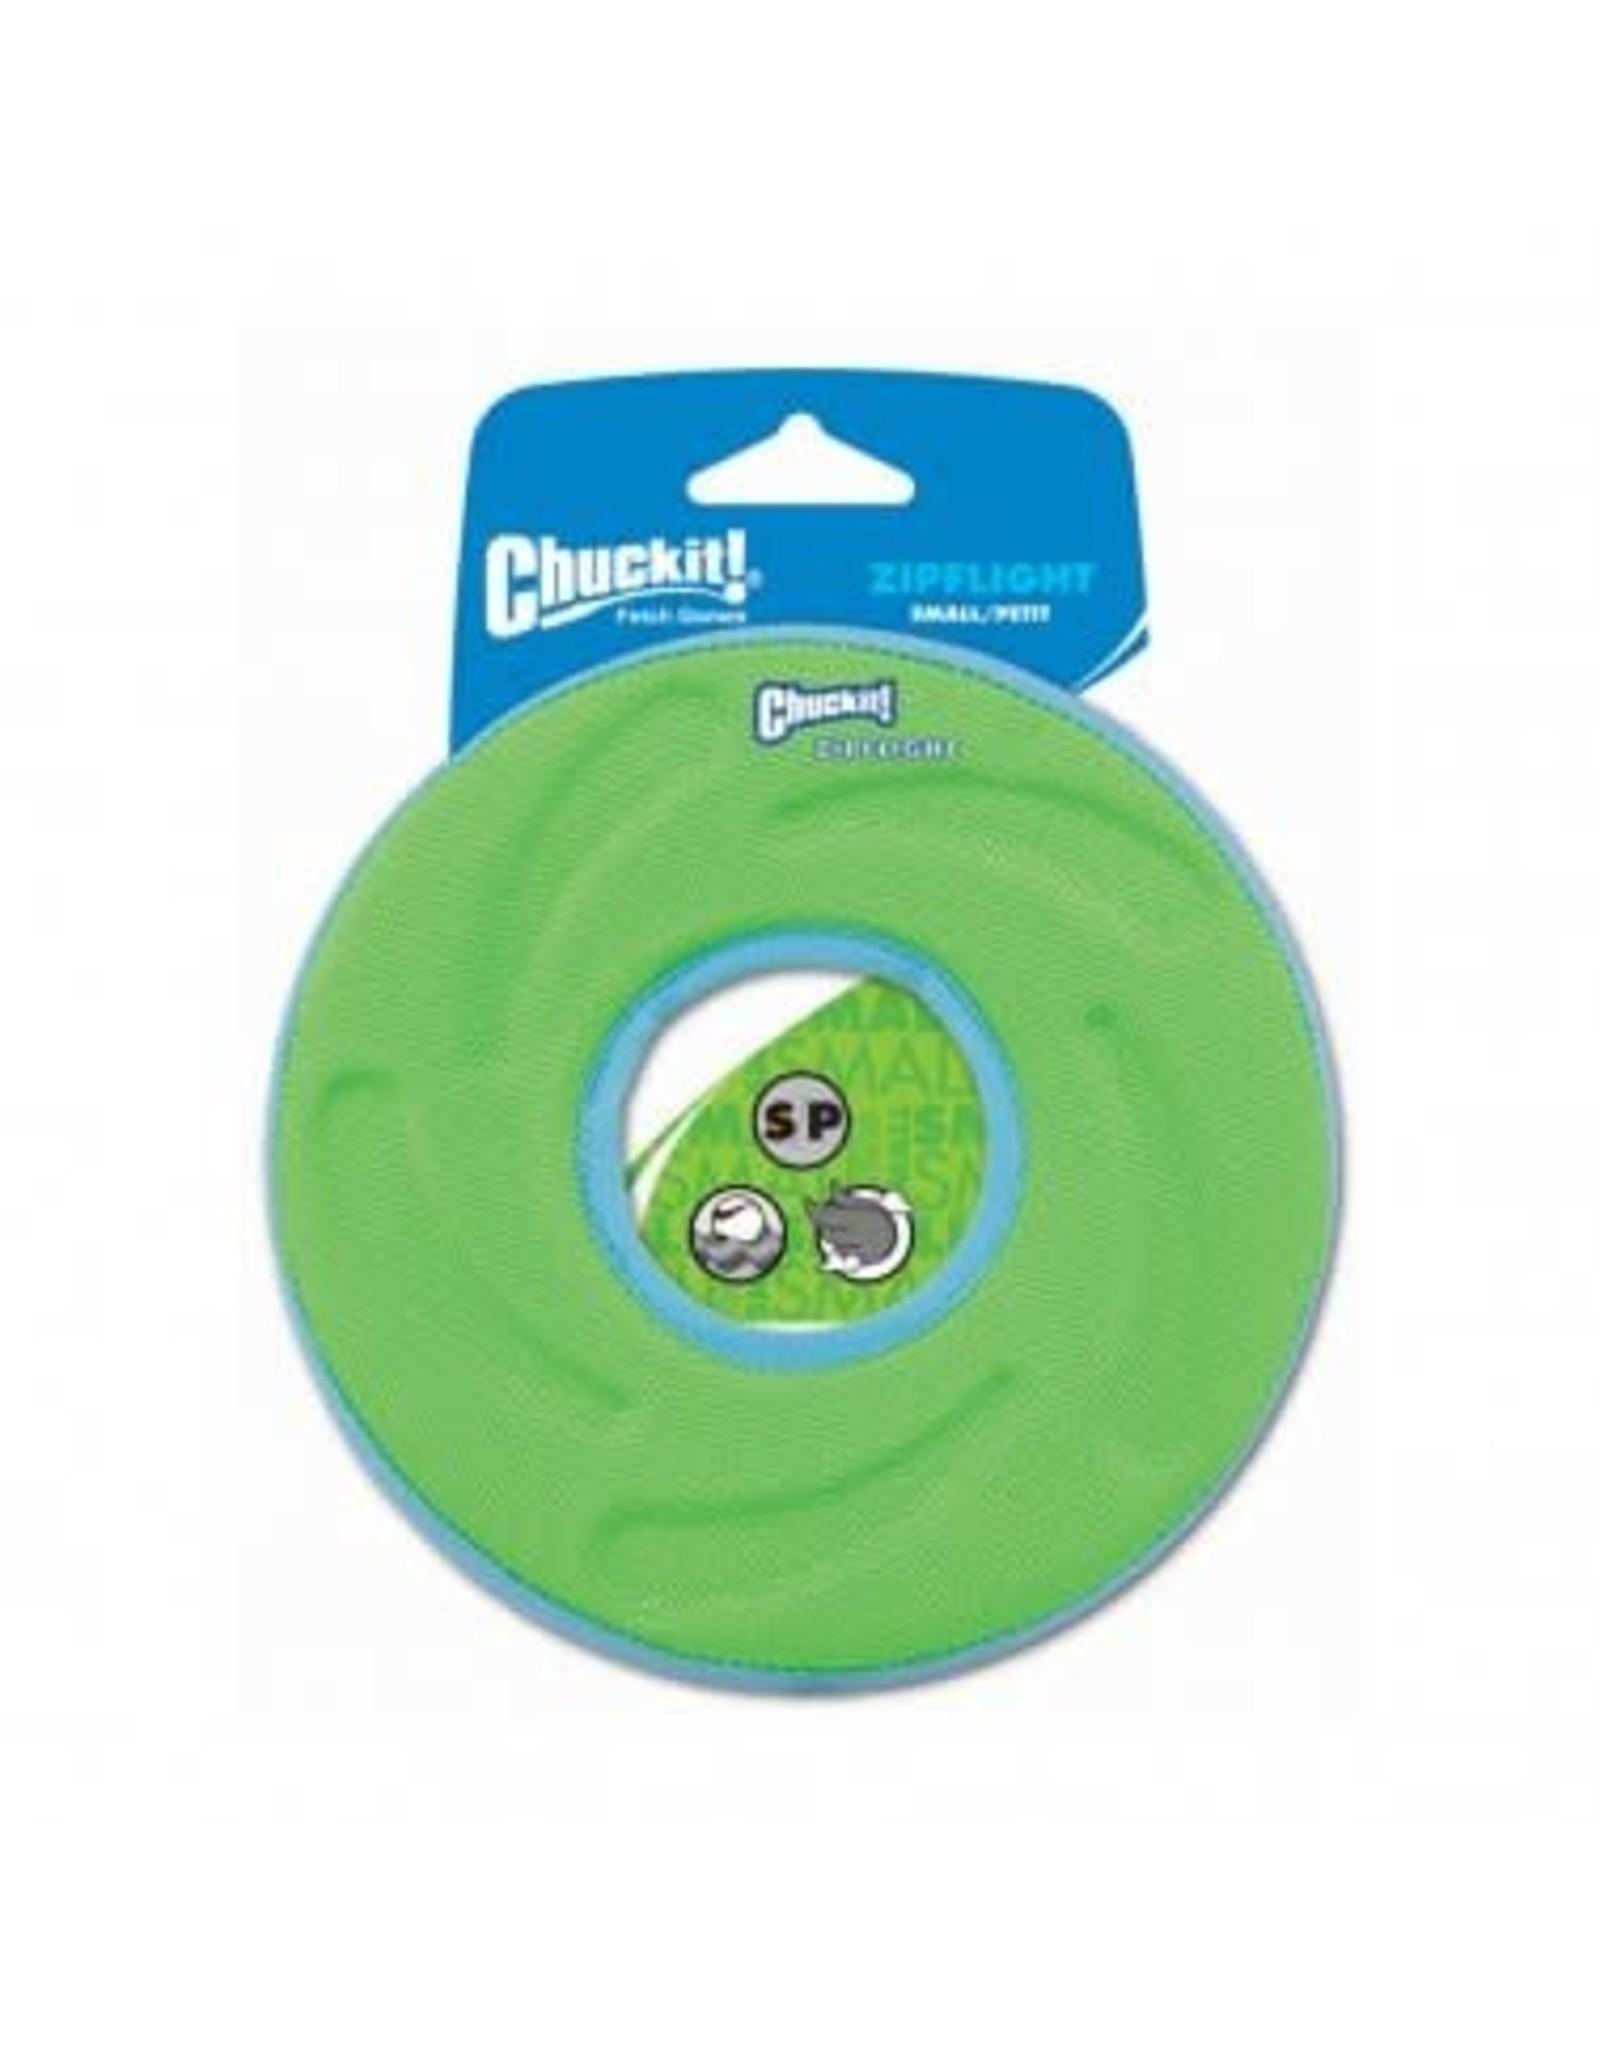 Petmate Chuckit! Zipflight